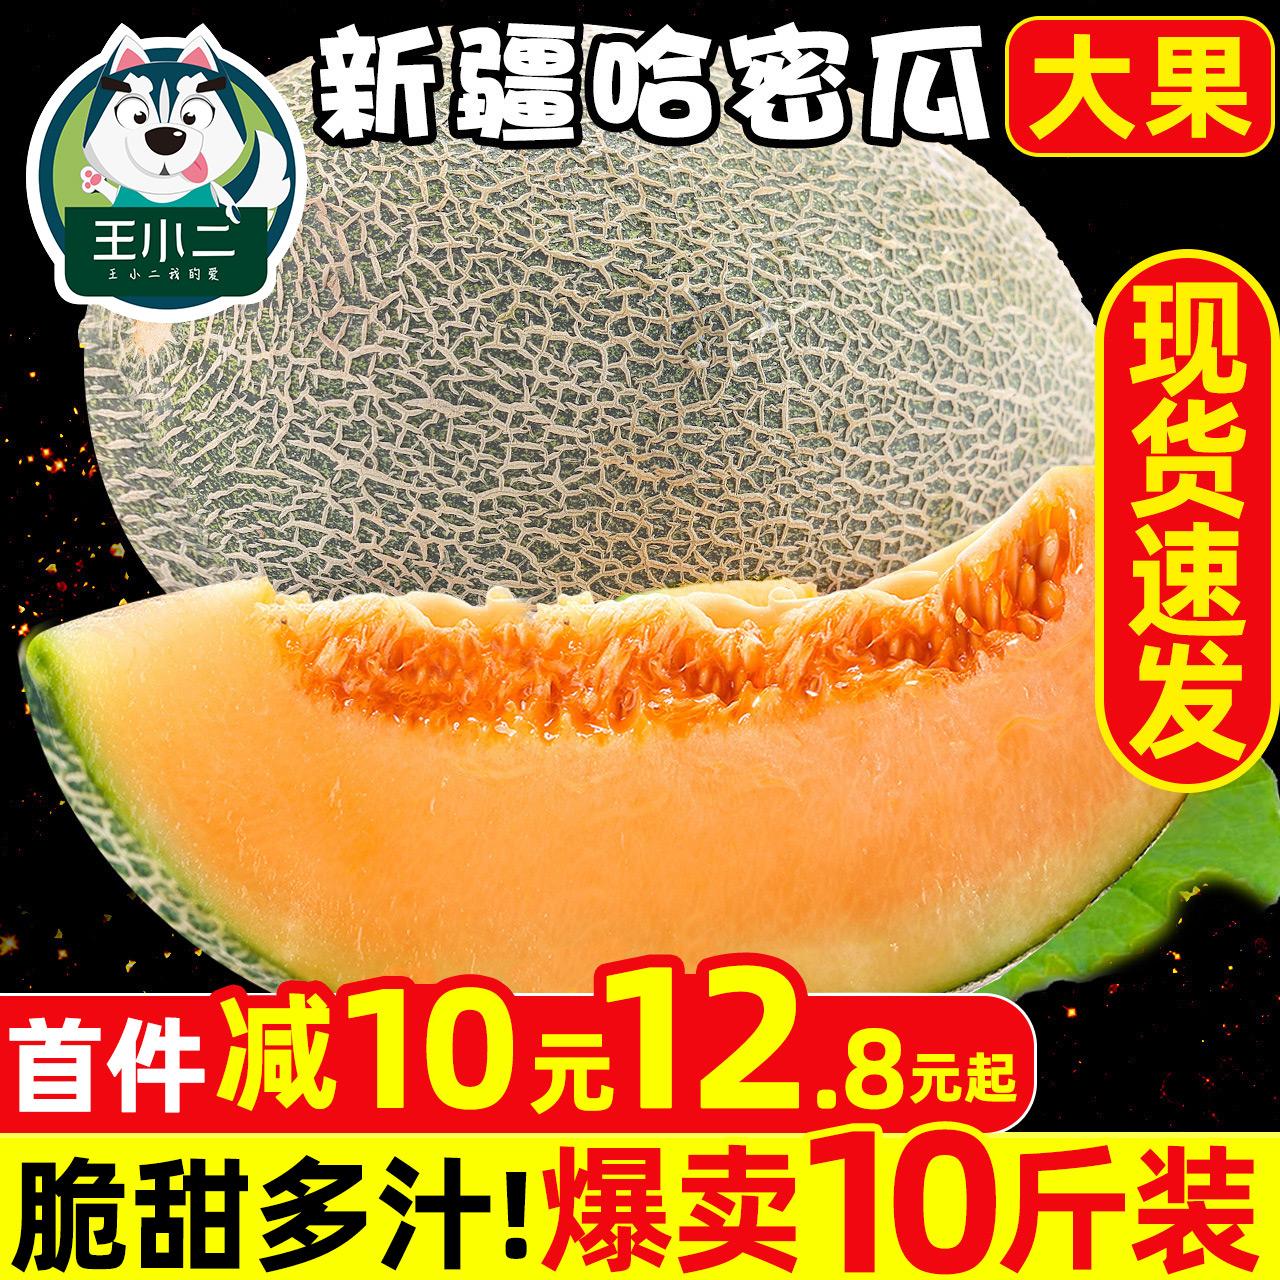 新疆哈密瓜新鲜一箱水果包邮10斤当季整箱应季网纹瓜香甜蜜瓜应季